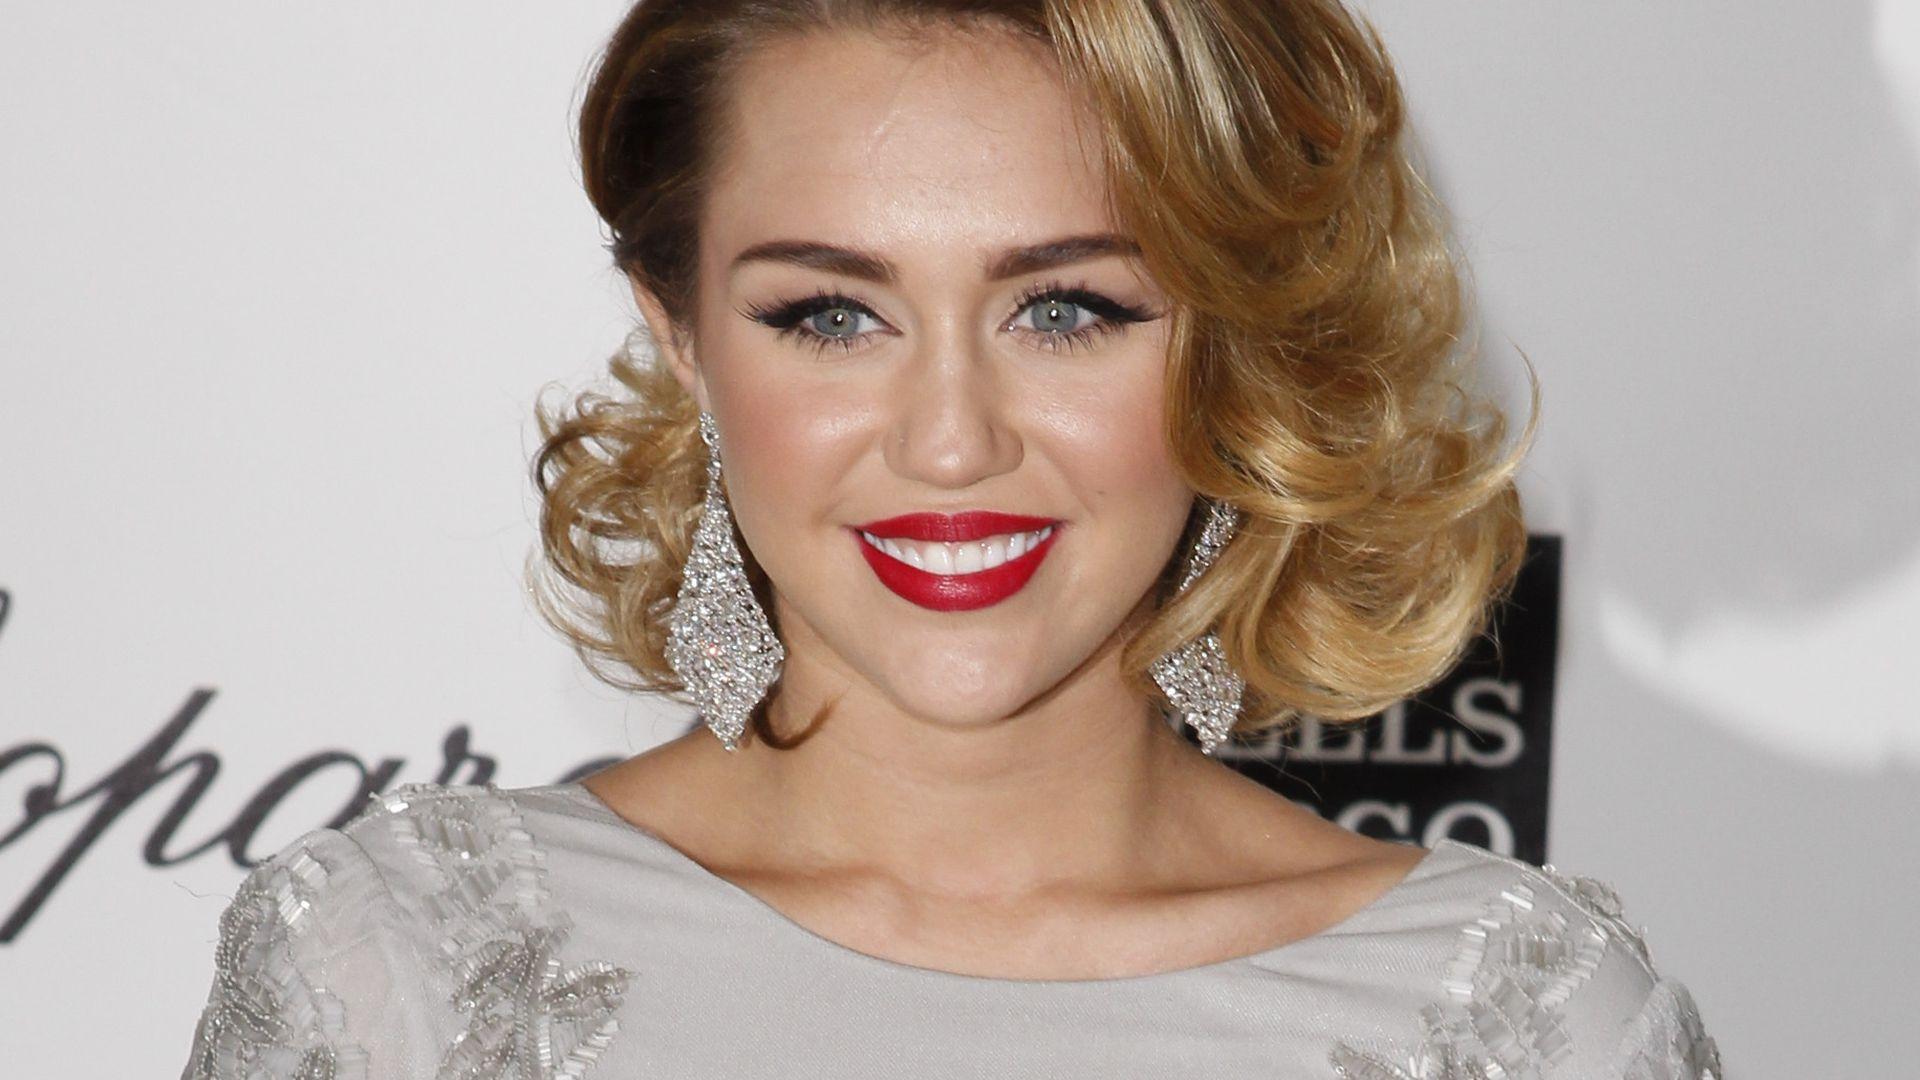 Sexy Vs Fremdscham Le Nouveau Clip De Miley Cyrus-1190